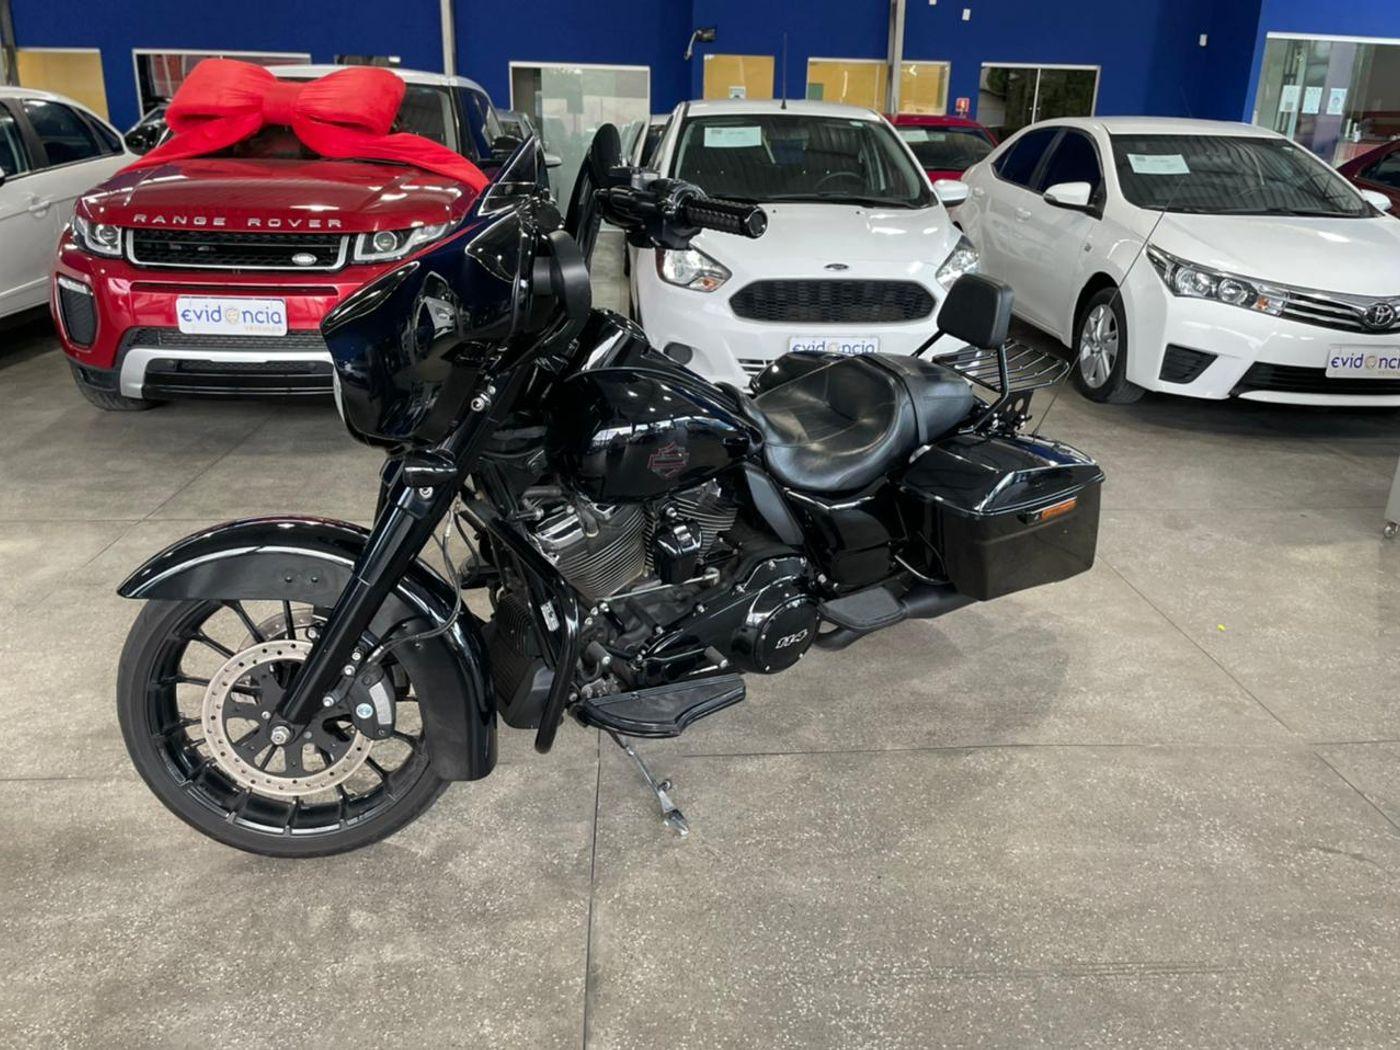 Harley STREET GLIDE SPECIAL FLHXS